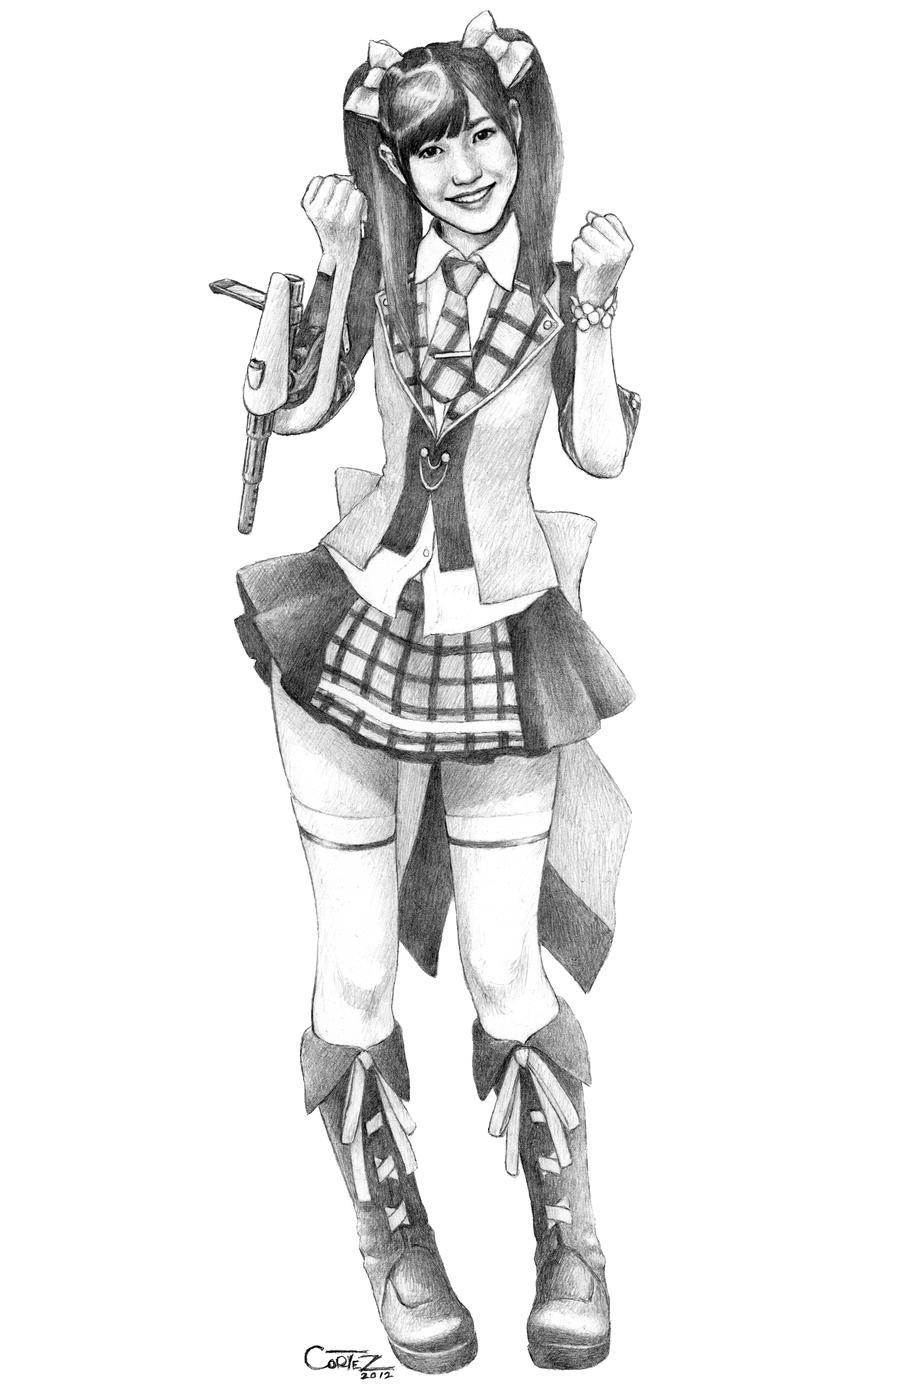 AKB48: Watanabe Mayu - AKB0048 version by Sumo0172